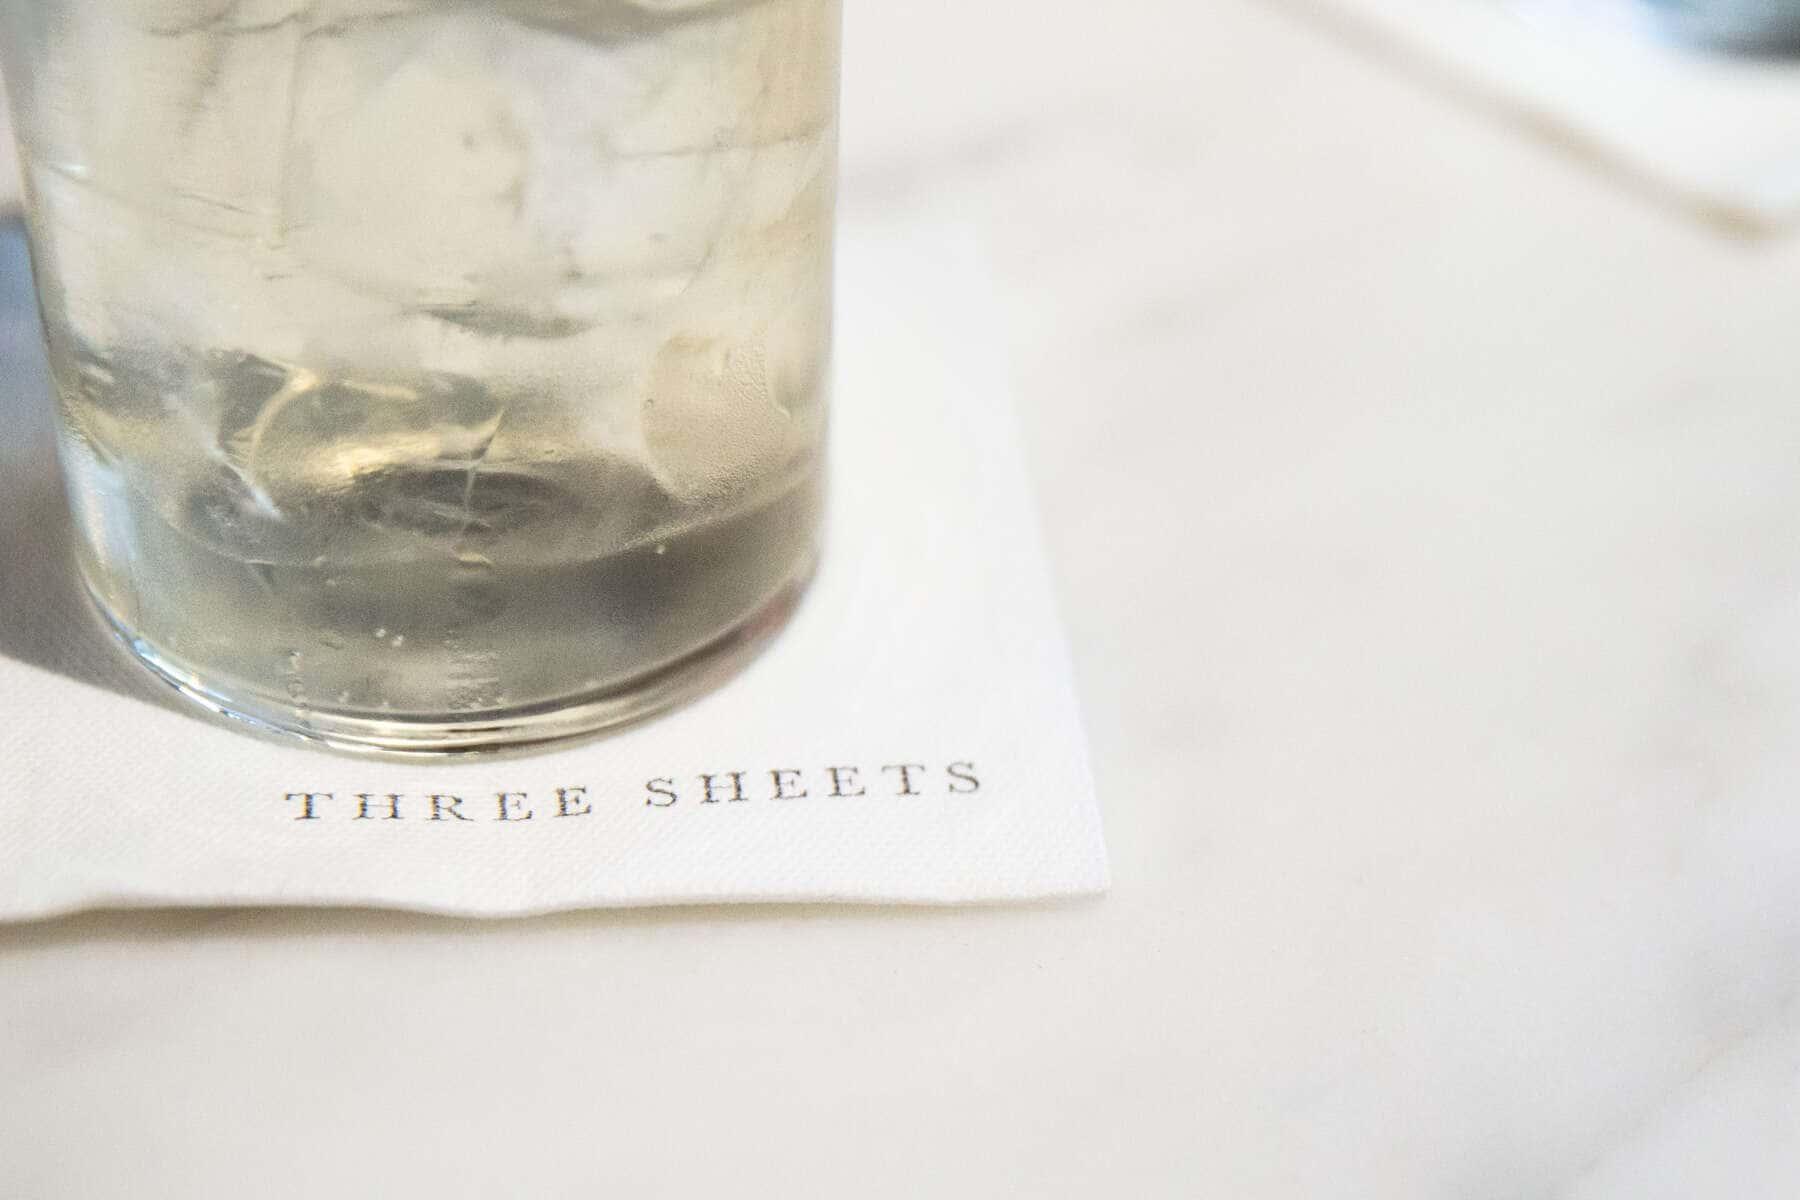 glass on a napkin at Three sheets bar